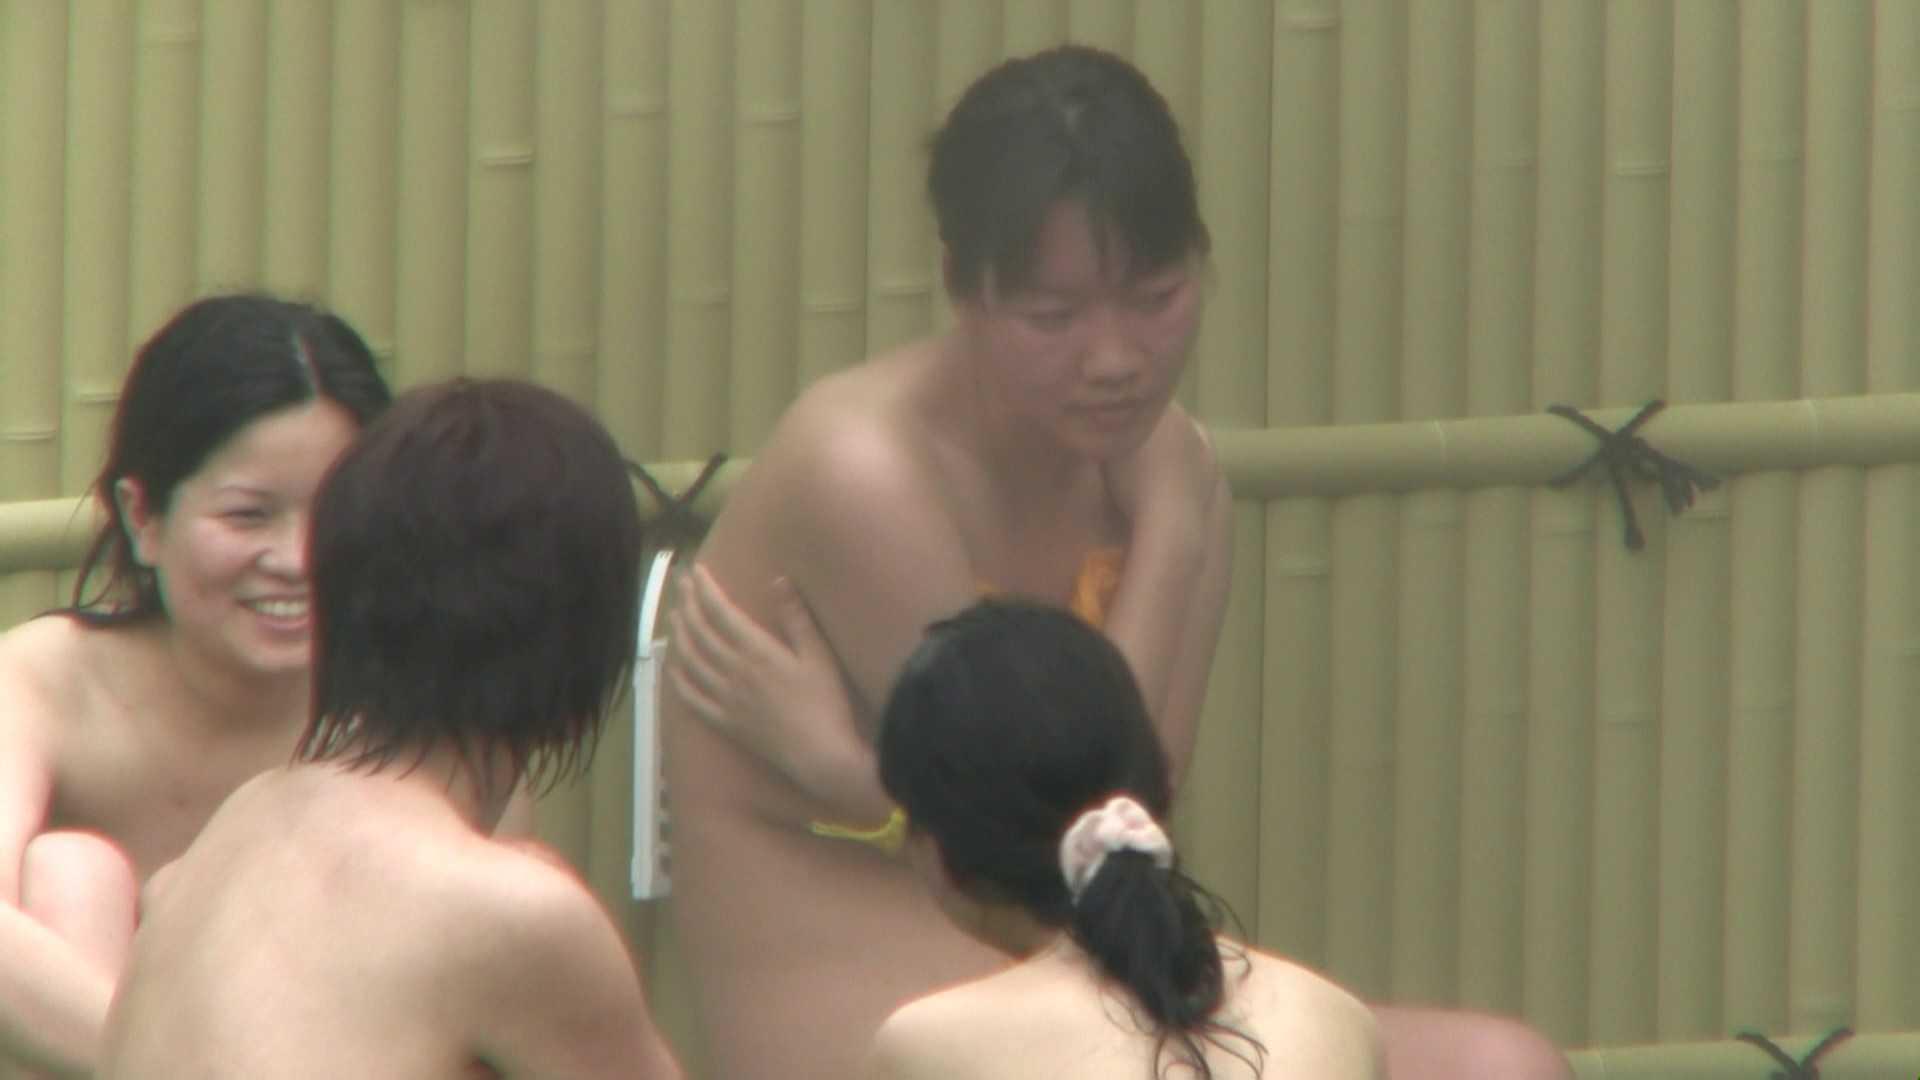 Aquaな露天風呂Vol.75【VIP限定】 盗撮師作品 オメコ動画キャプチャ 107pic 53